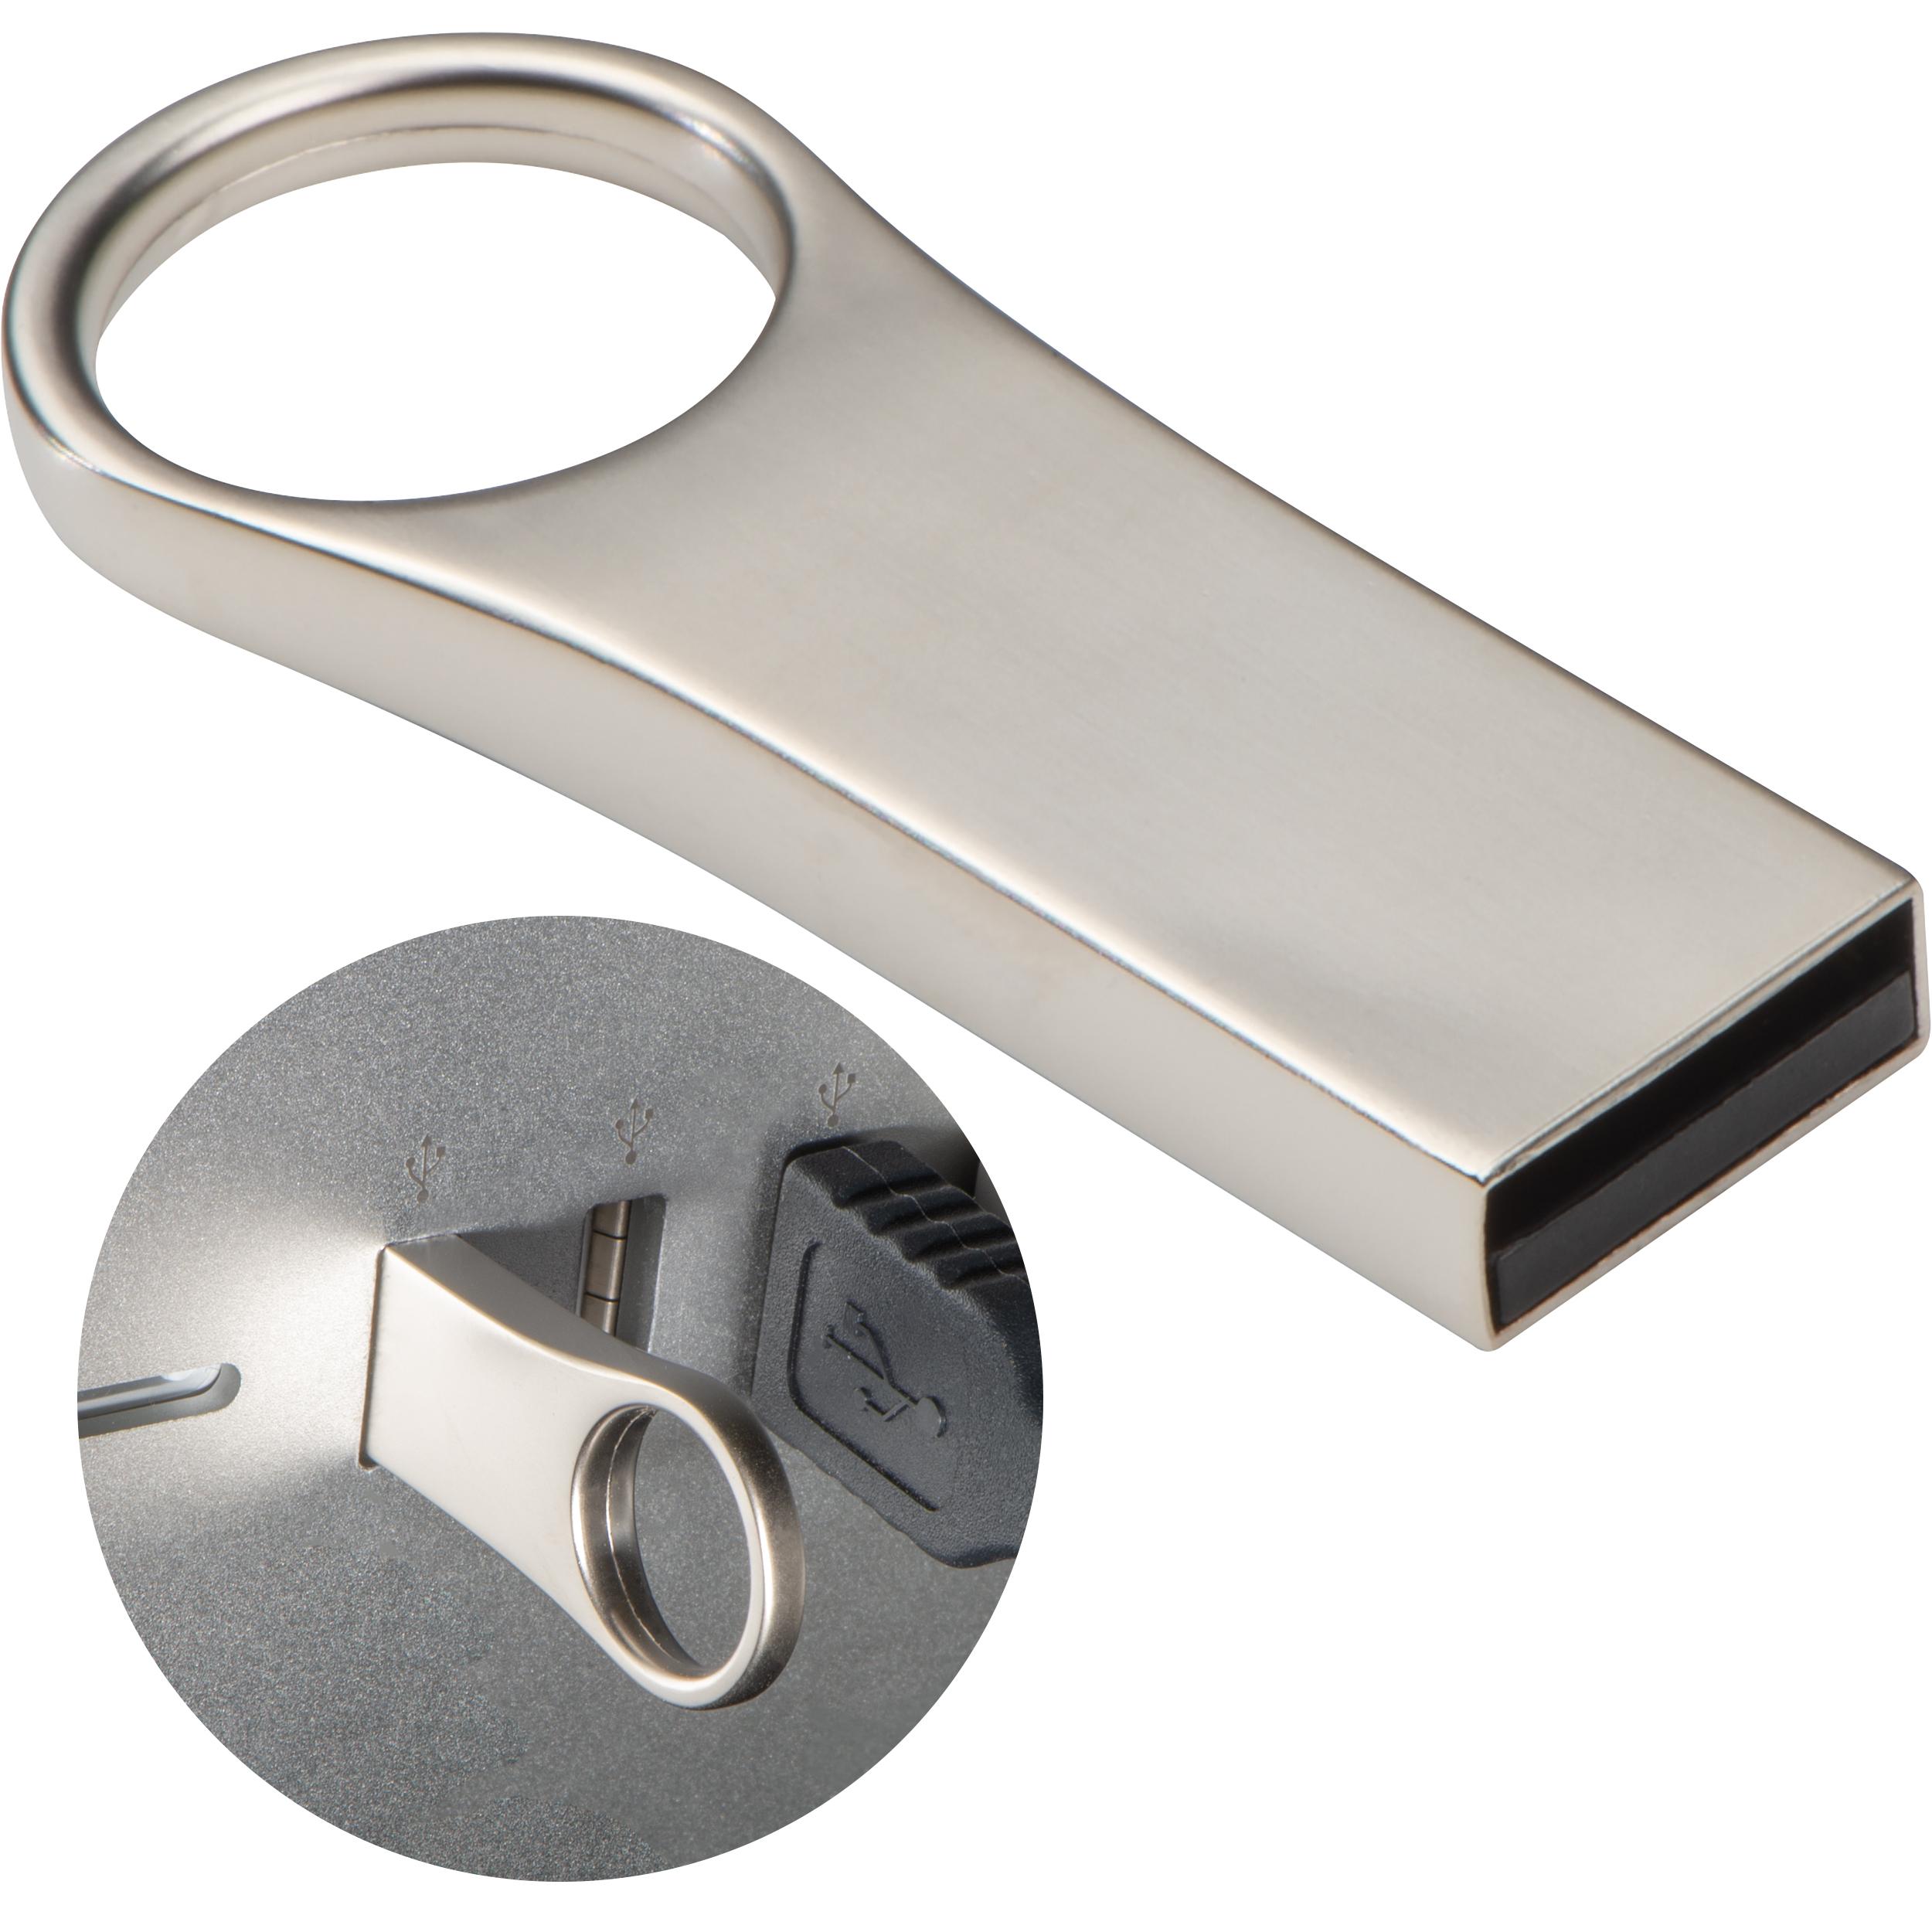 Metal USB Stick 4GB